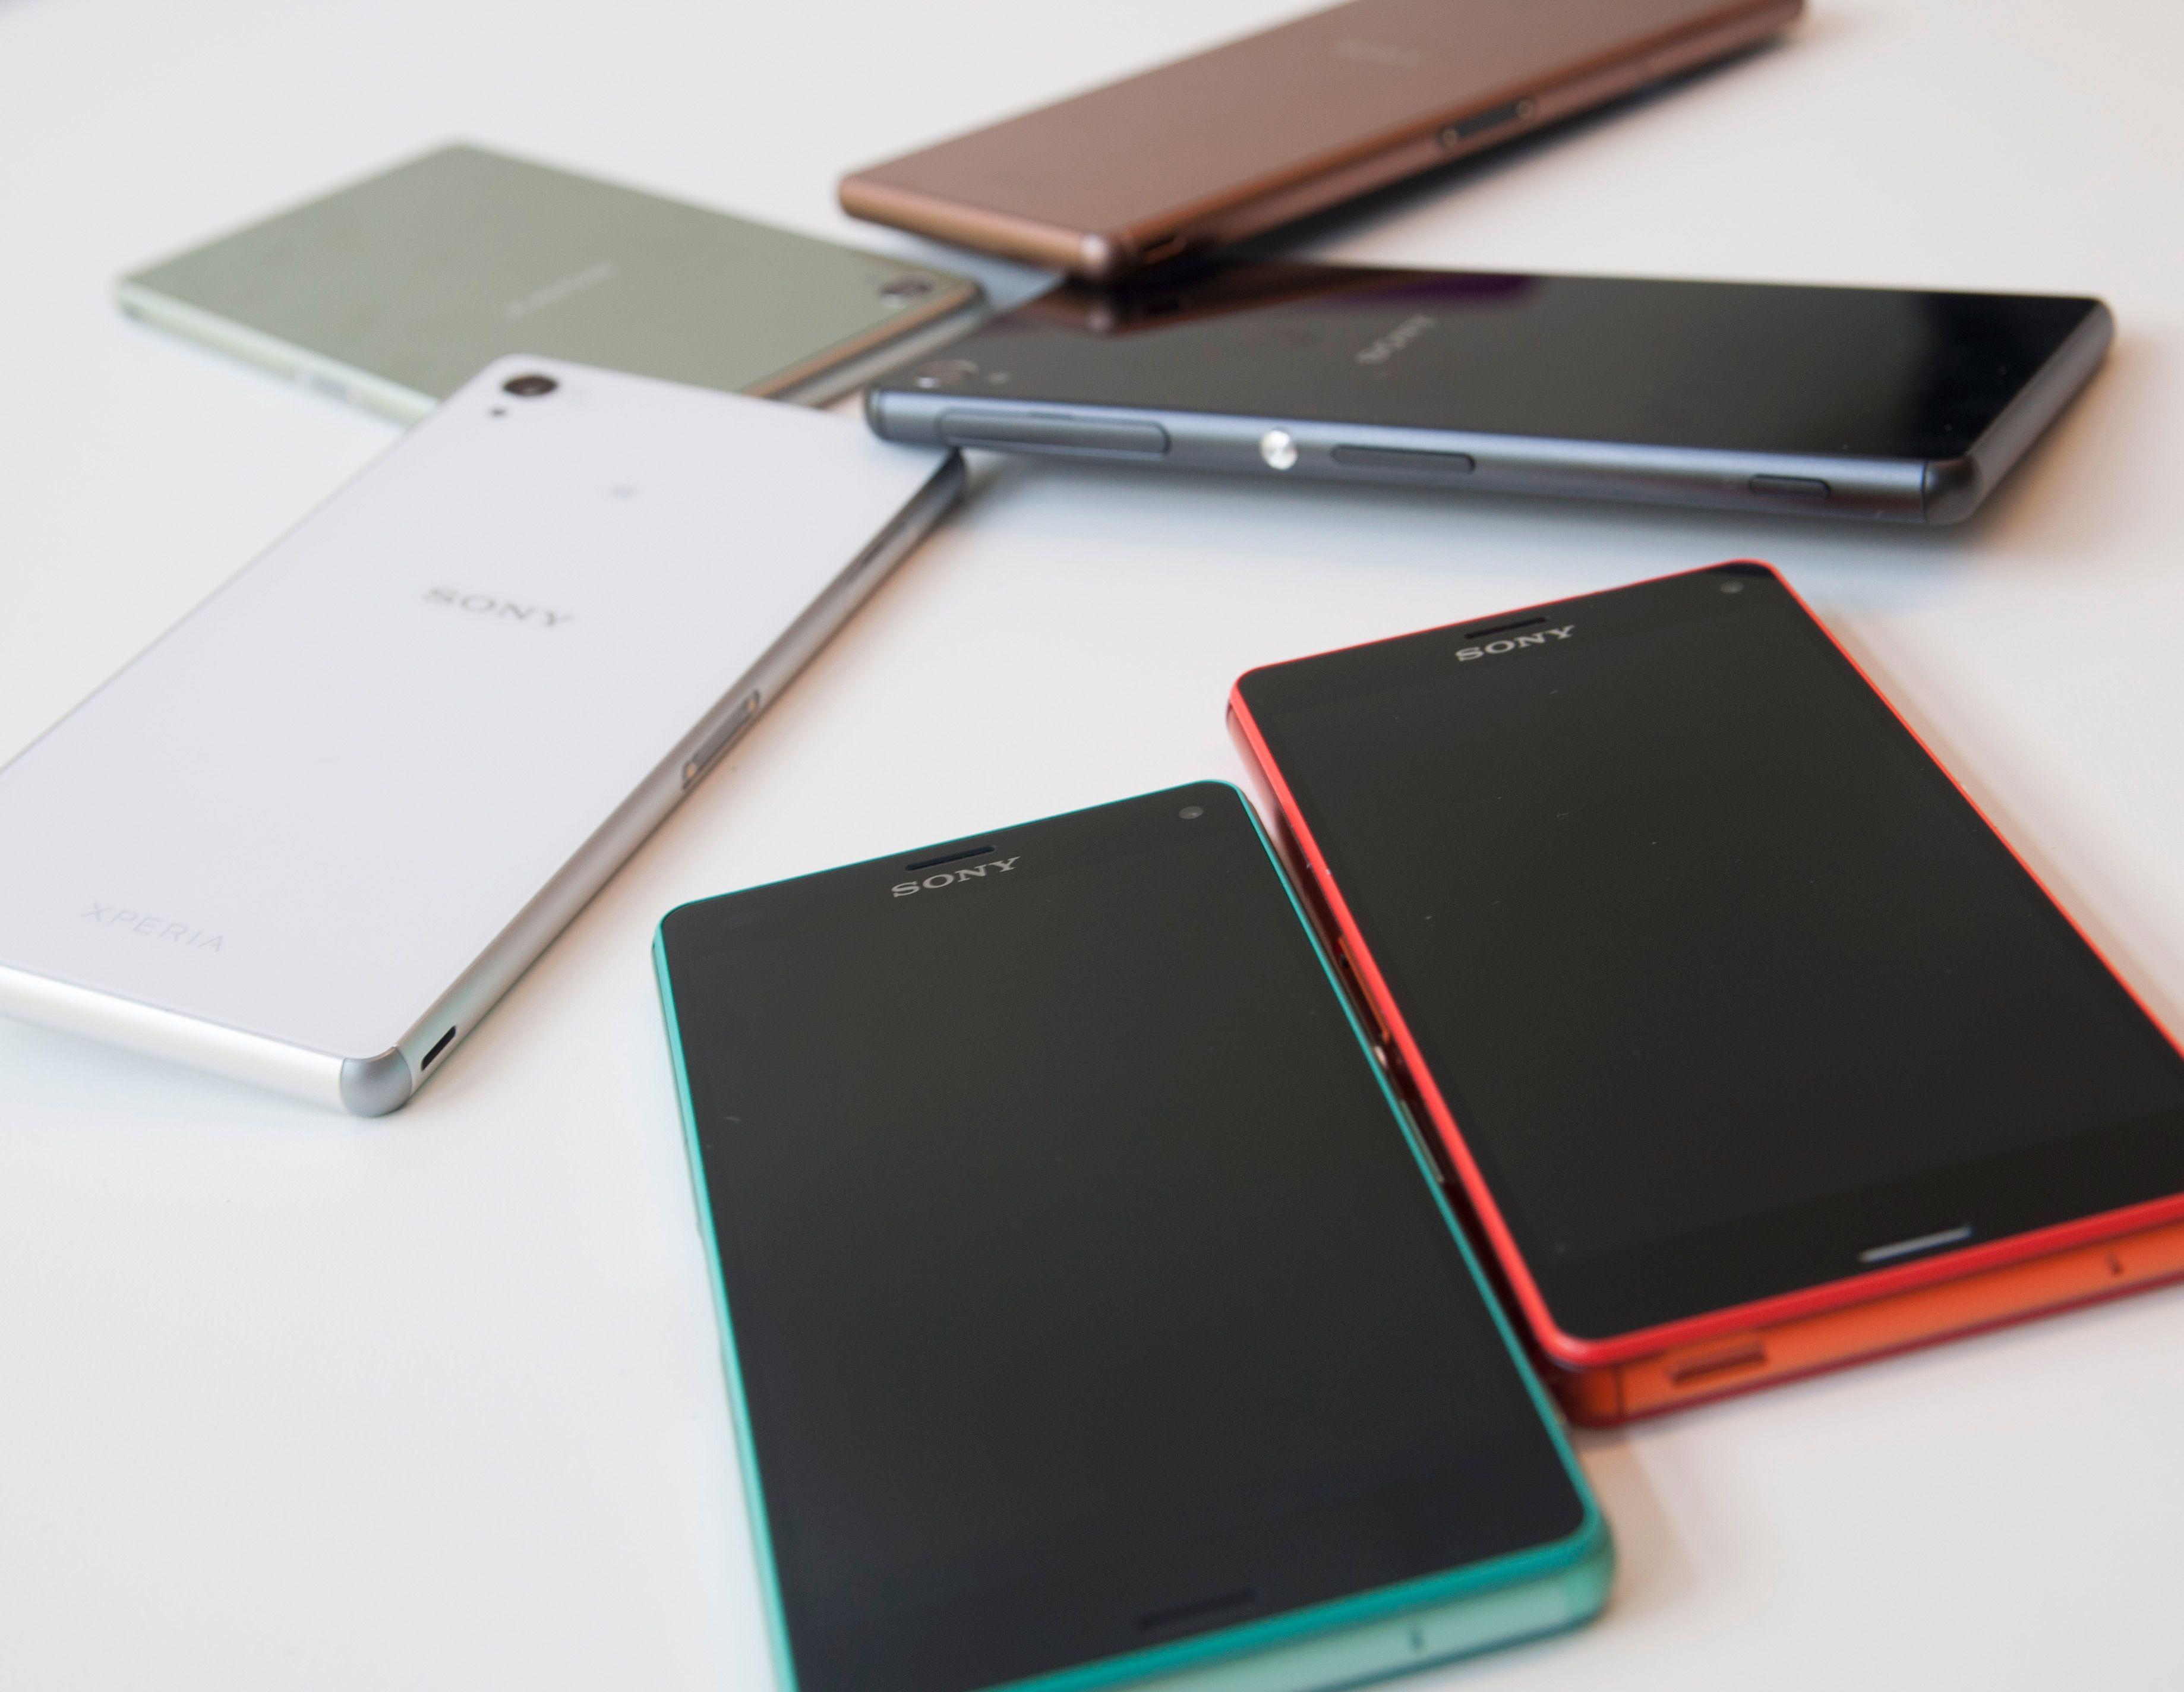 De nye Sony-mobilene kommer i en rekke forskjellige farger.Foto: Finn Jarle Kvalheim, Amobil.no